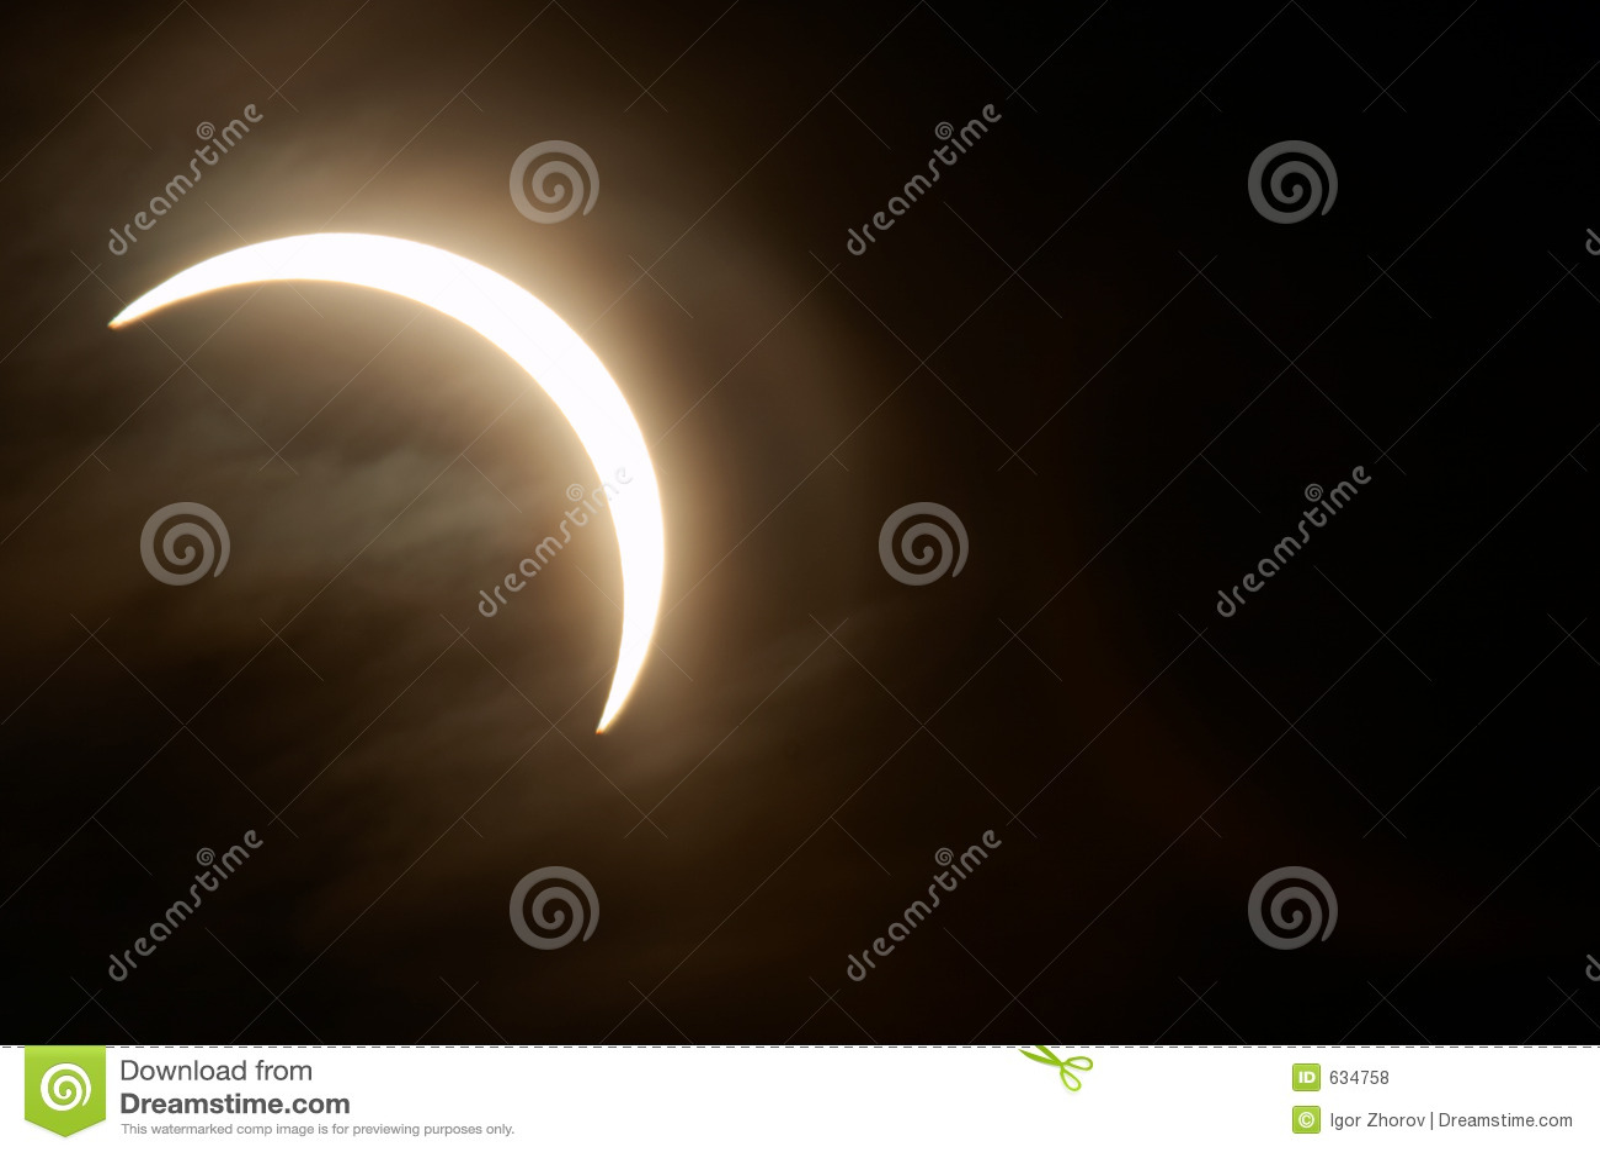 солнечное затмения частично